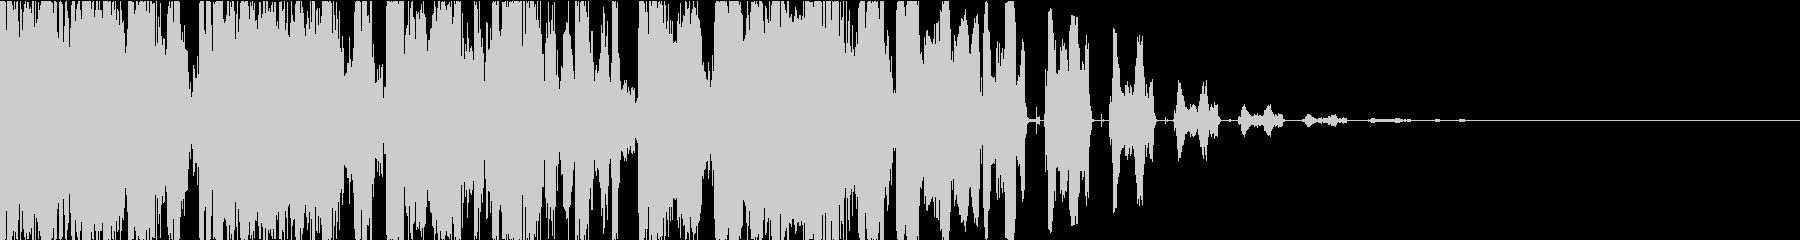 ヒップホップ・DJスクラッチ・ジングルの未再生の波形